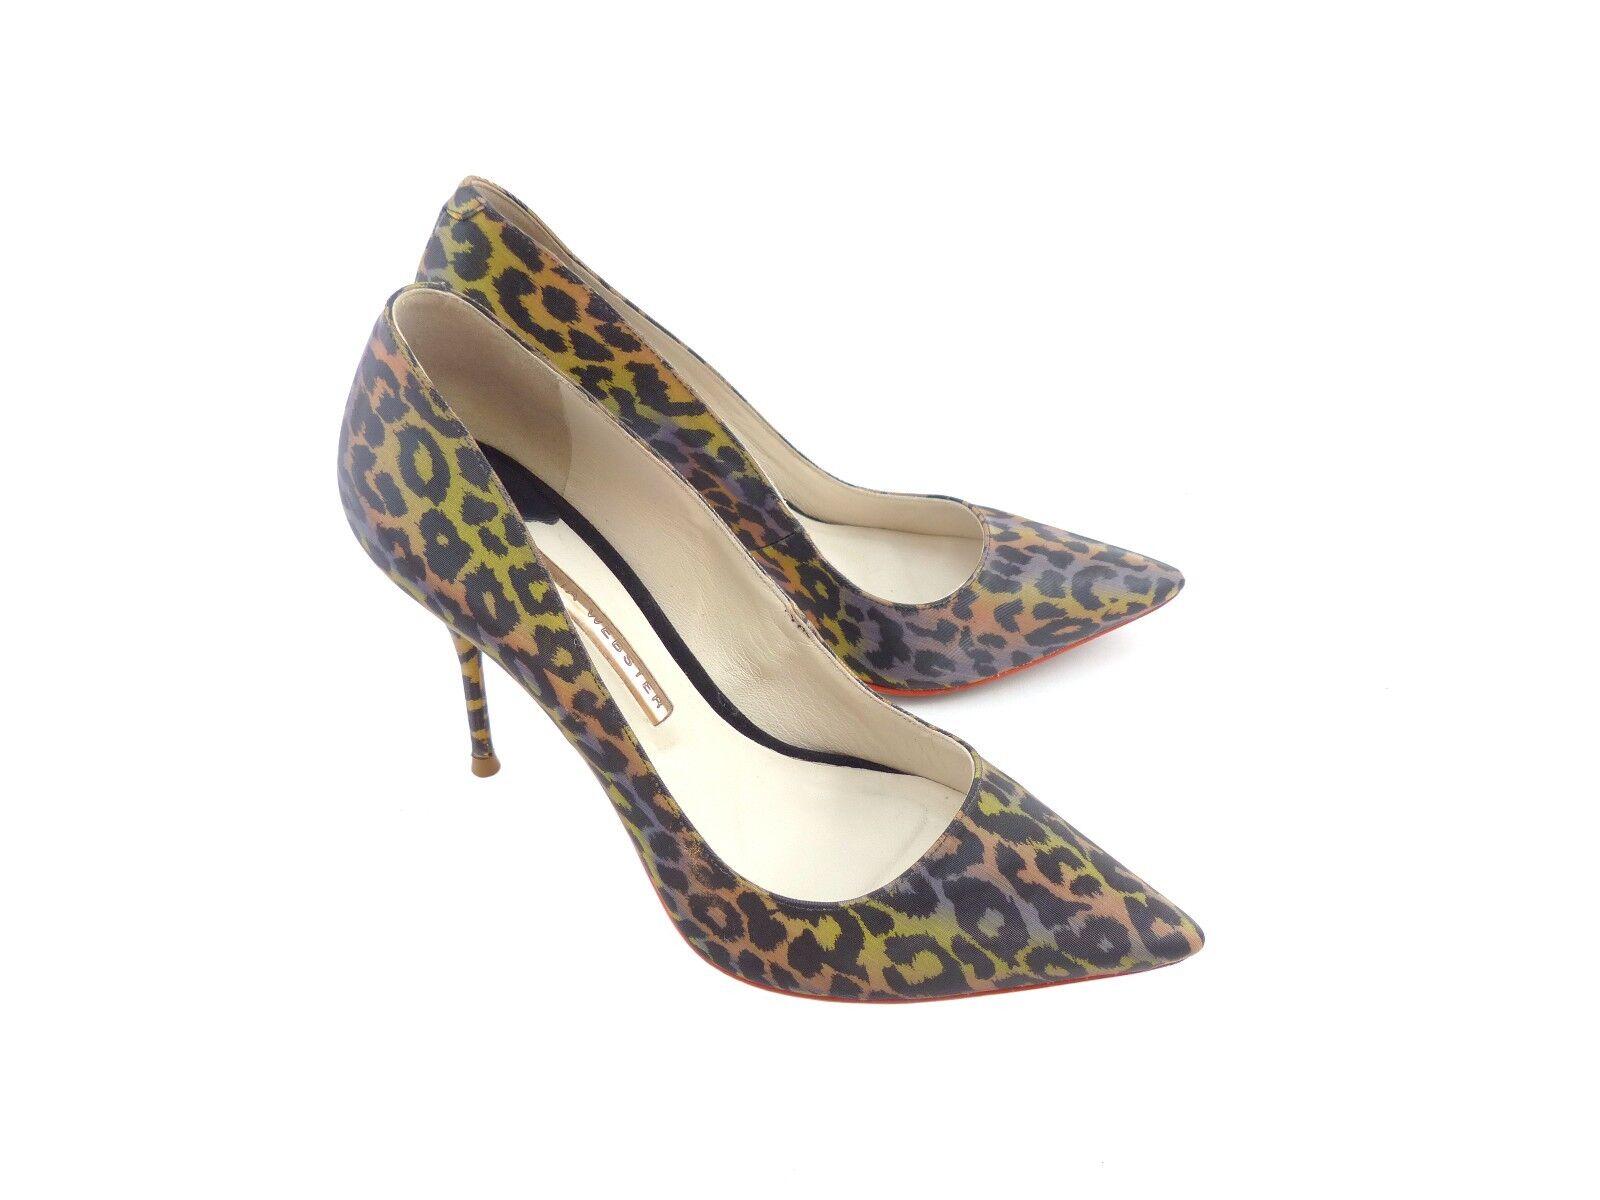 Sophia Webster 'Lola' Arco Iris Holográfico leopardo de impresión - - - 23% APAGADO PVP con textura  entrega gratis